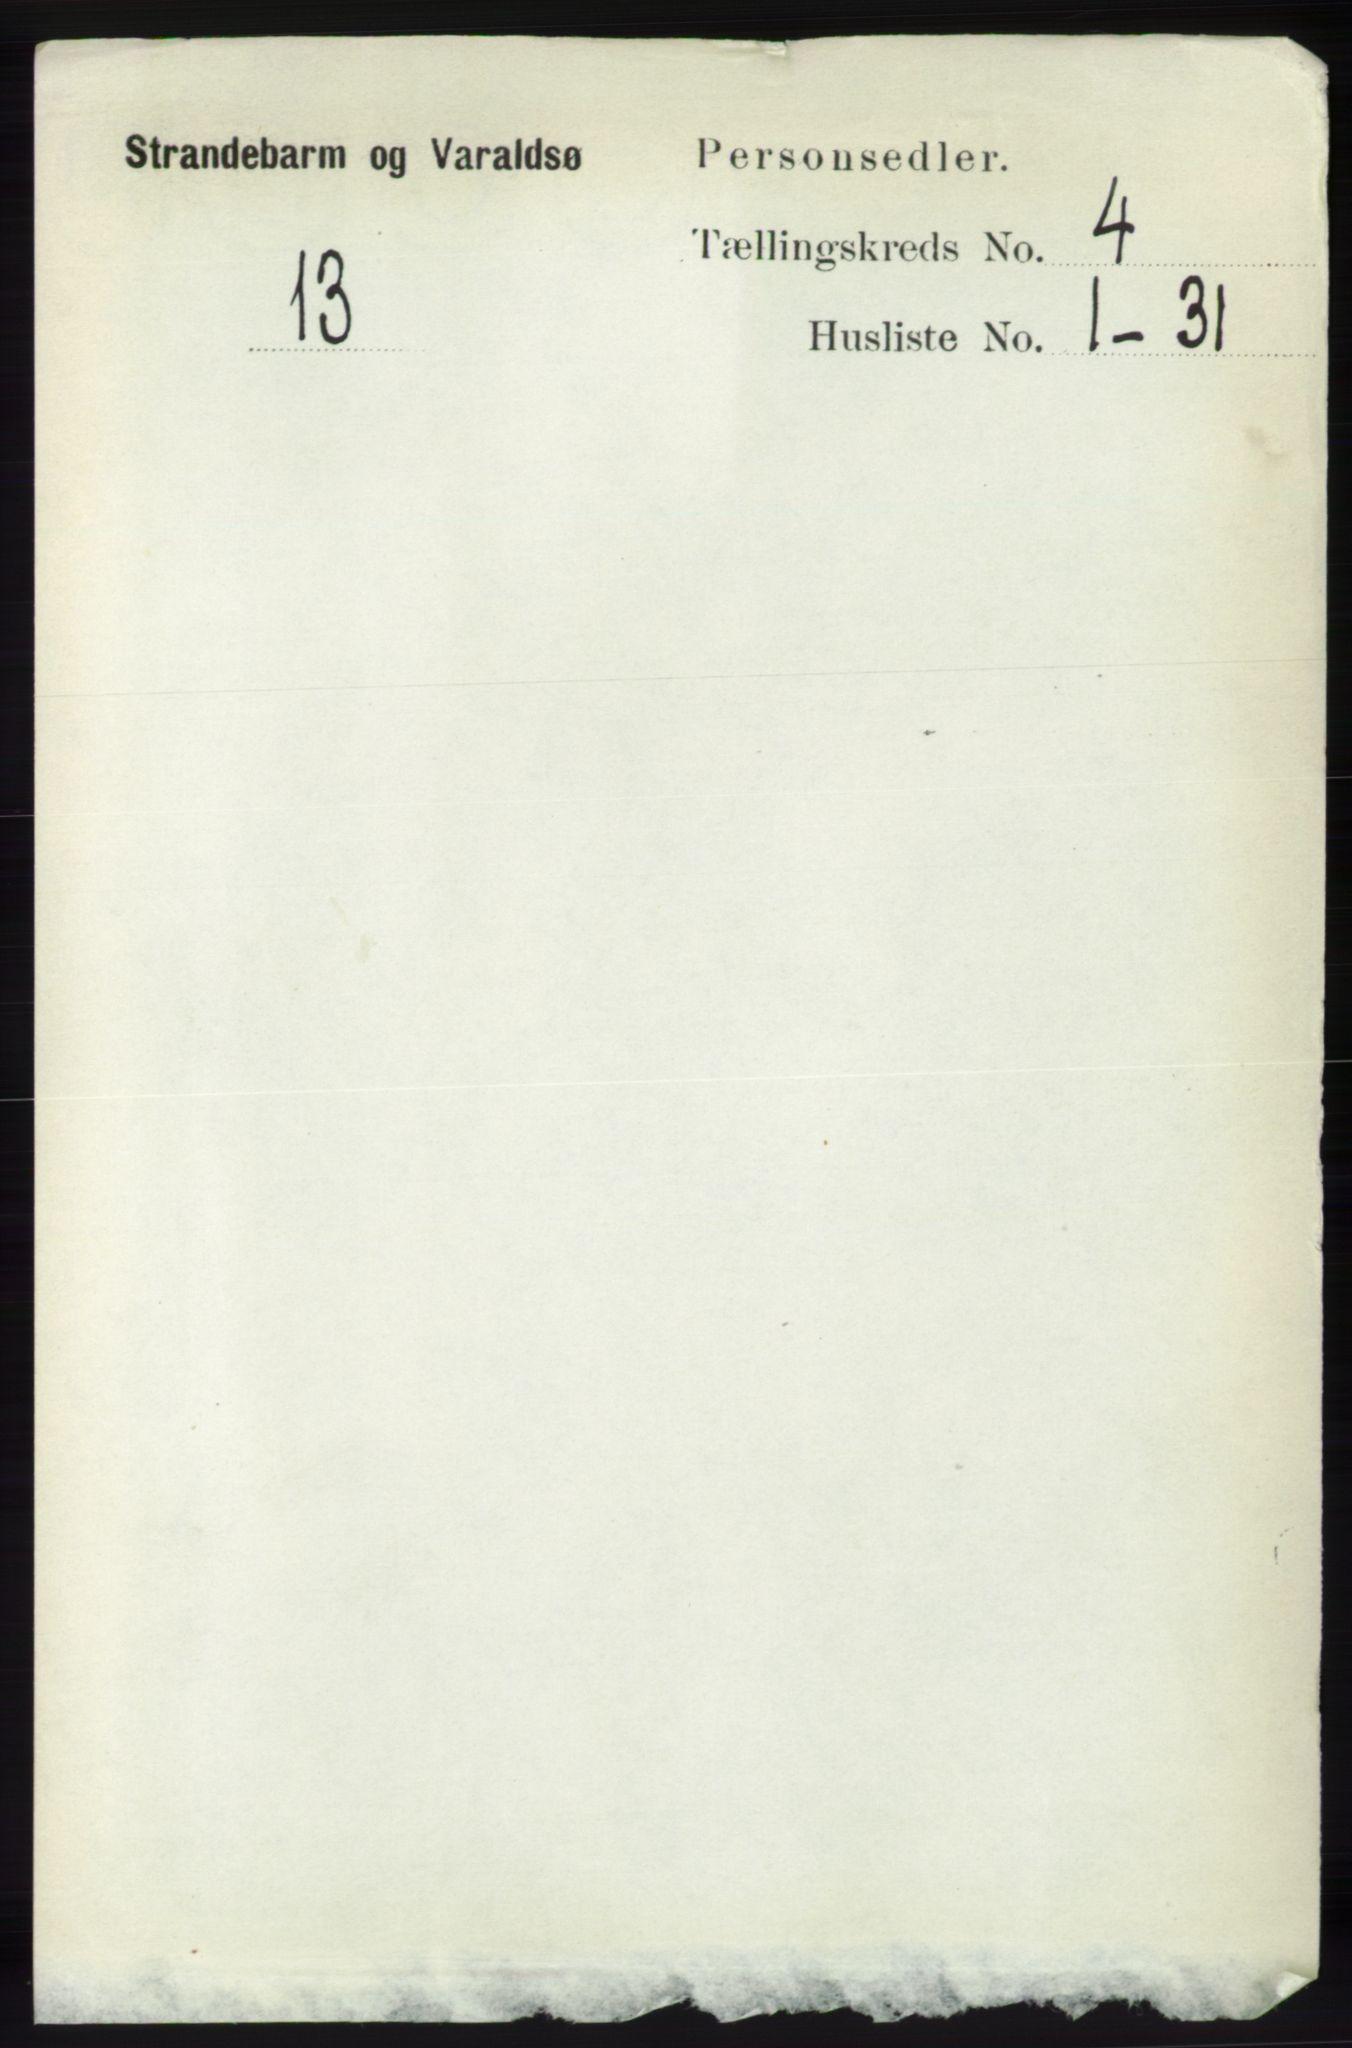 RA, Folketelling 1891 for 1226 Strandebarm og Varaldsøy herred, 1891, s. 1444